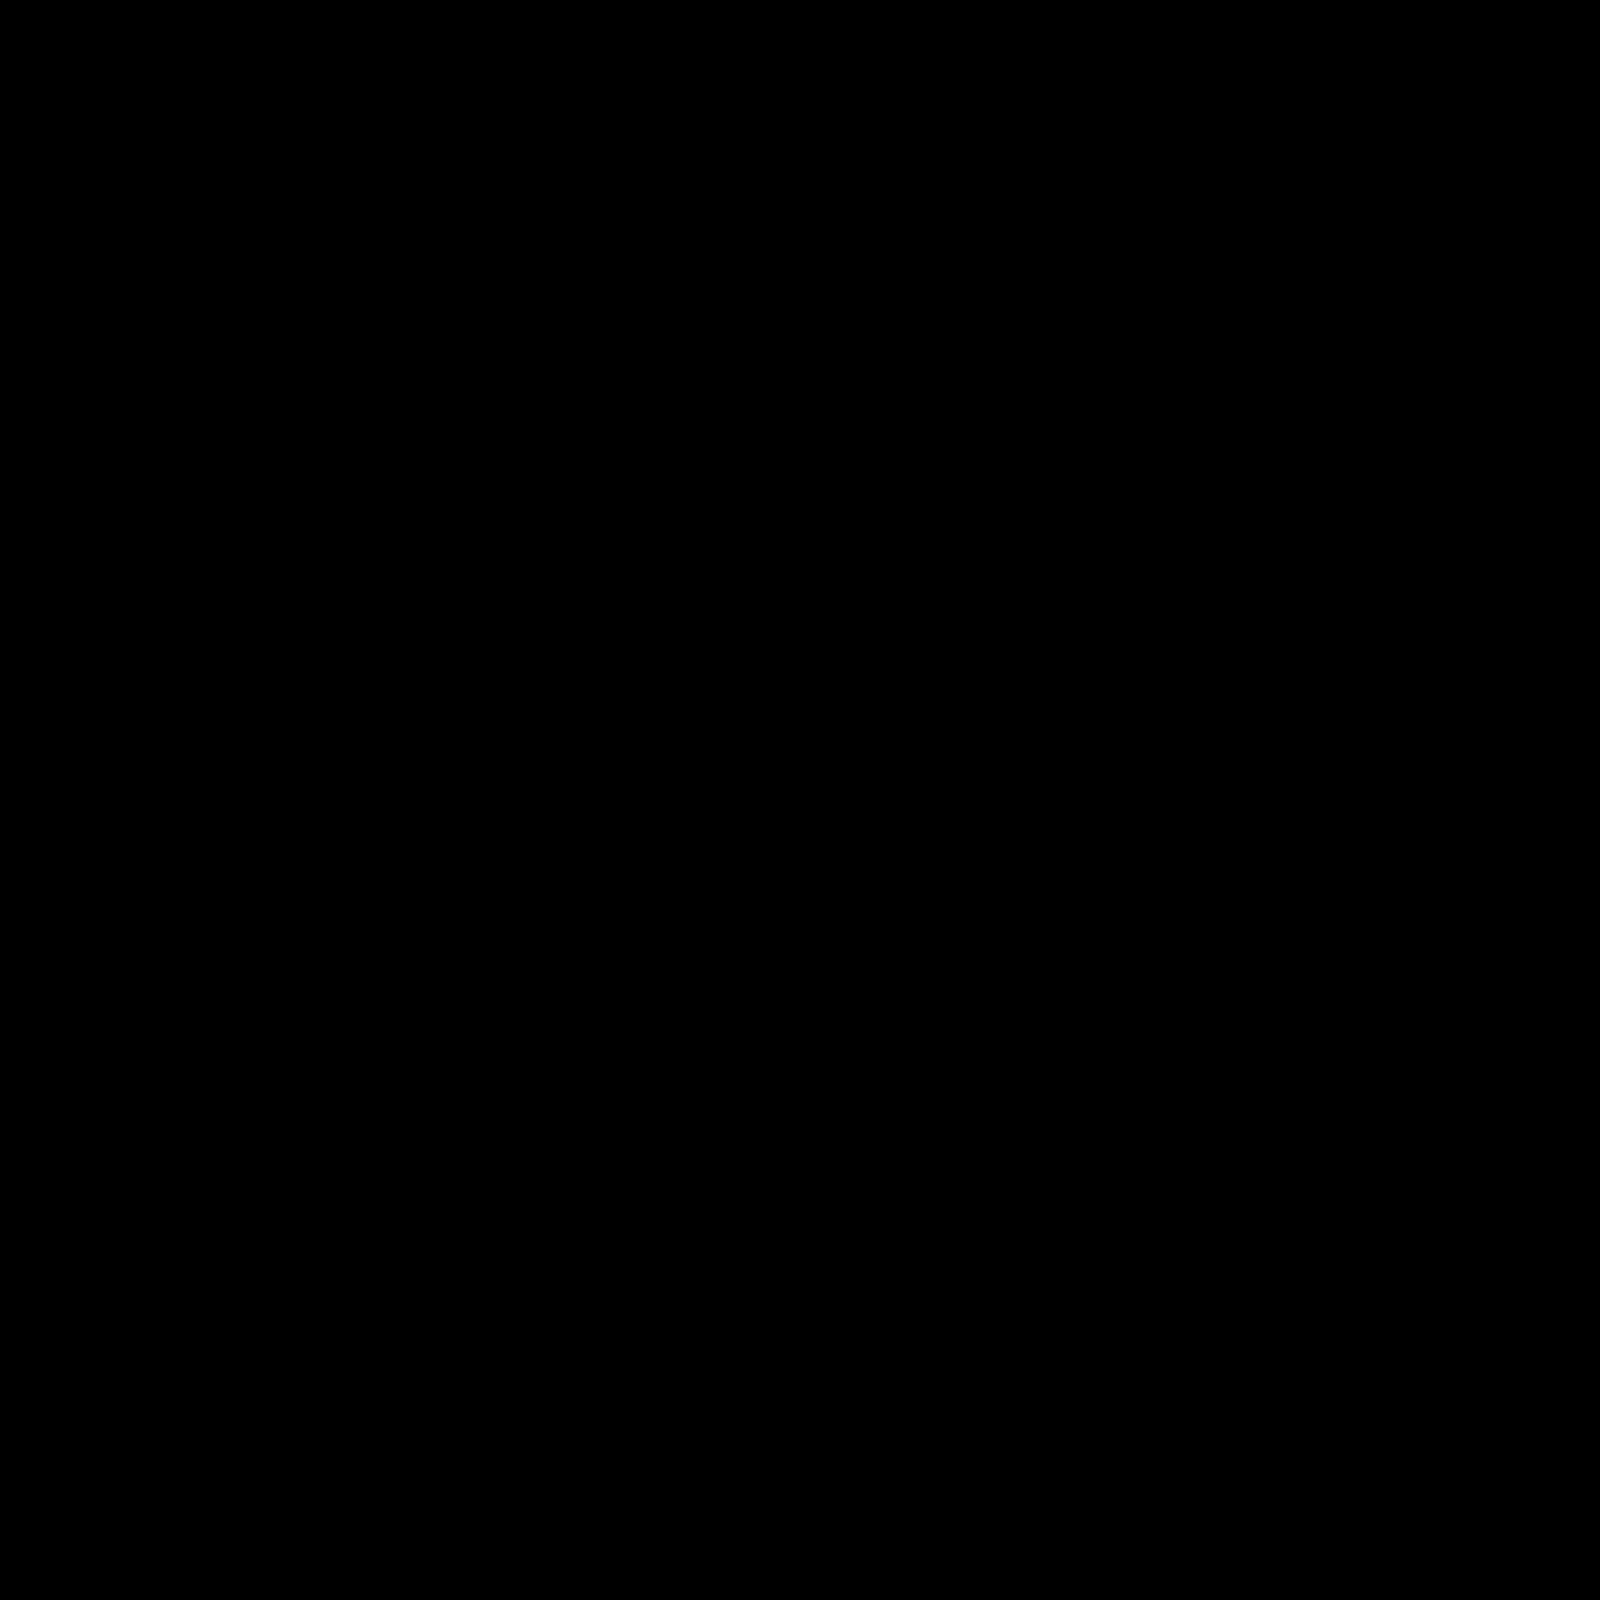 Schwimmreifen icon